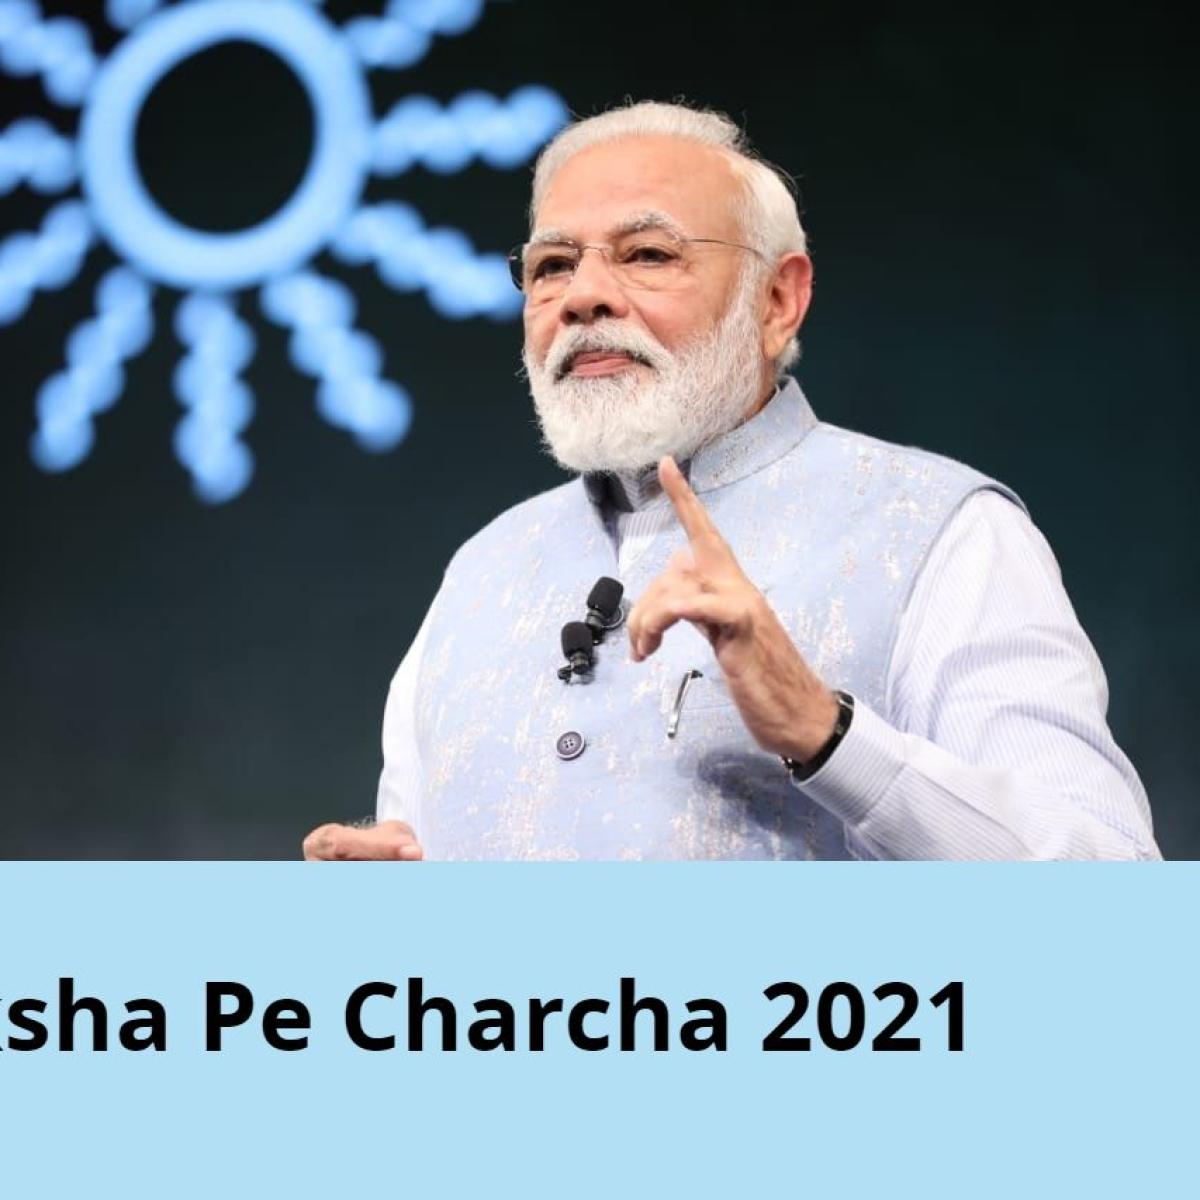 Exams 2021: PM Modi's 'Pariksha Pe Charcha' to be held virtually on April 7